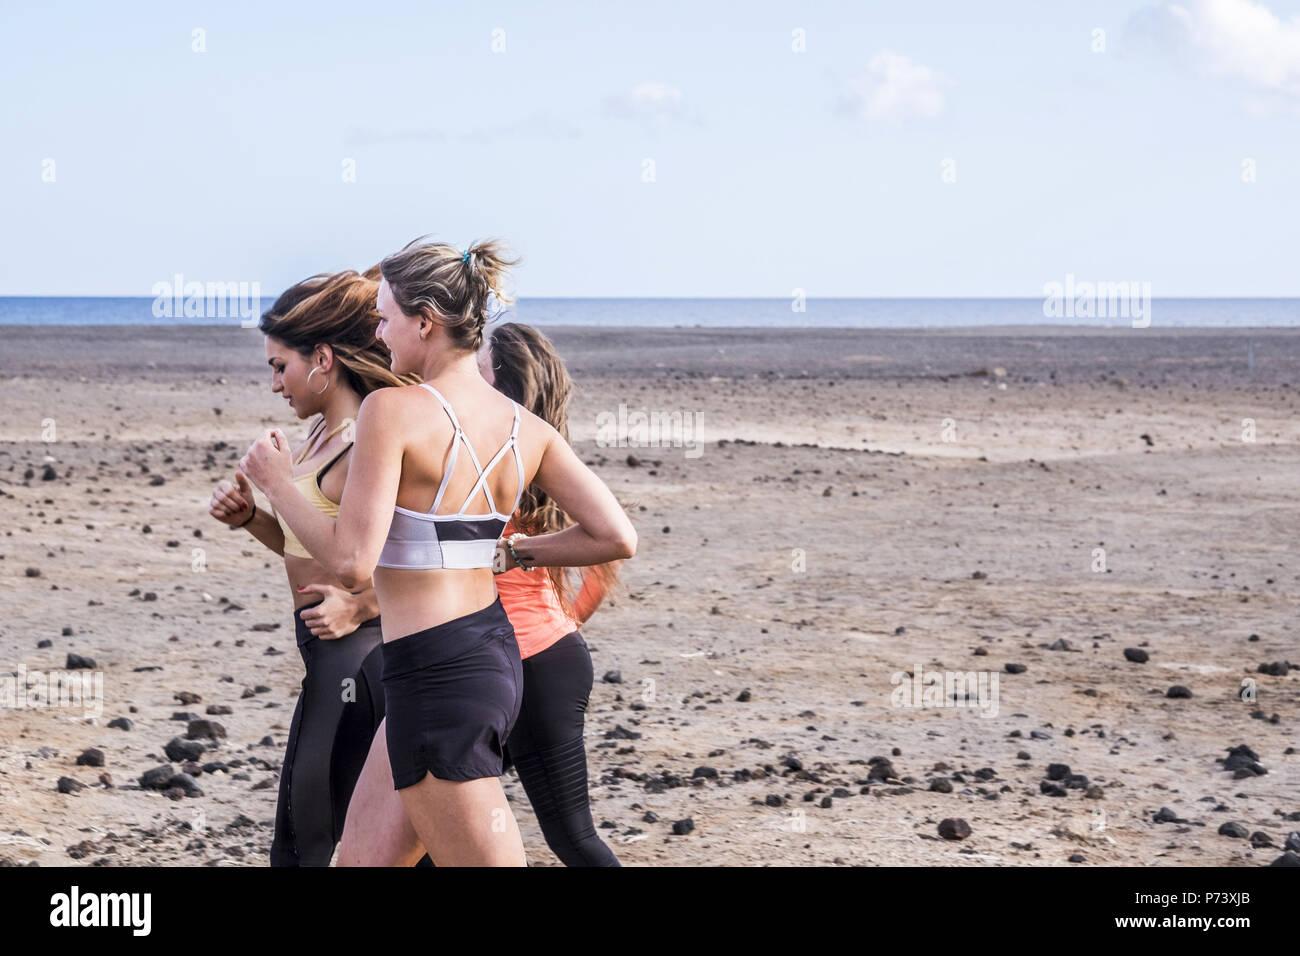 Tre belle caucasici giovani donne in esecuzione vicino al mare sulla spiaggia per un sano stile di vita positivo e spensierato. felice di lavorare sui risultati del corpo Immagini Stock